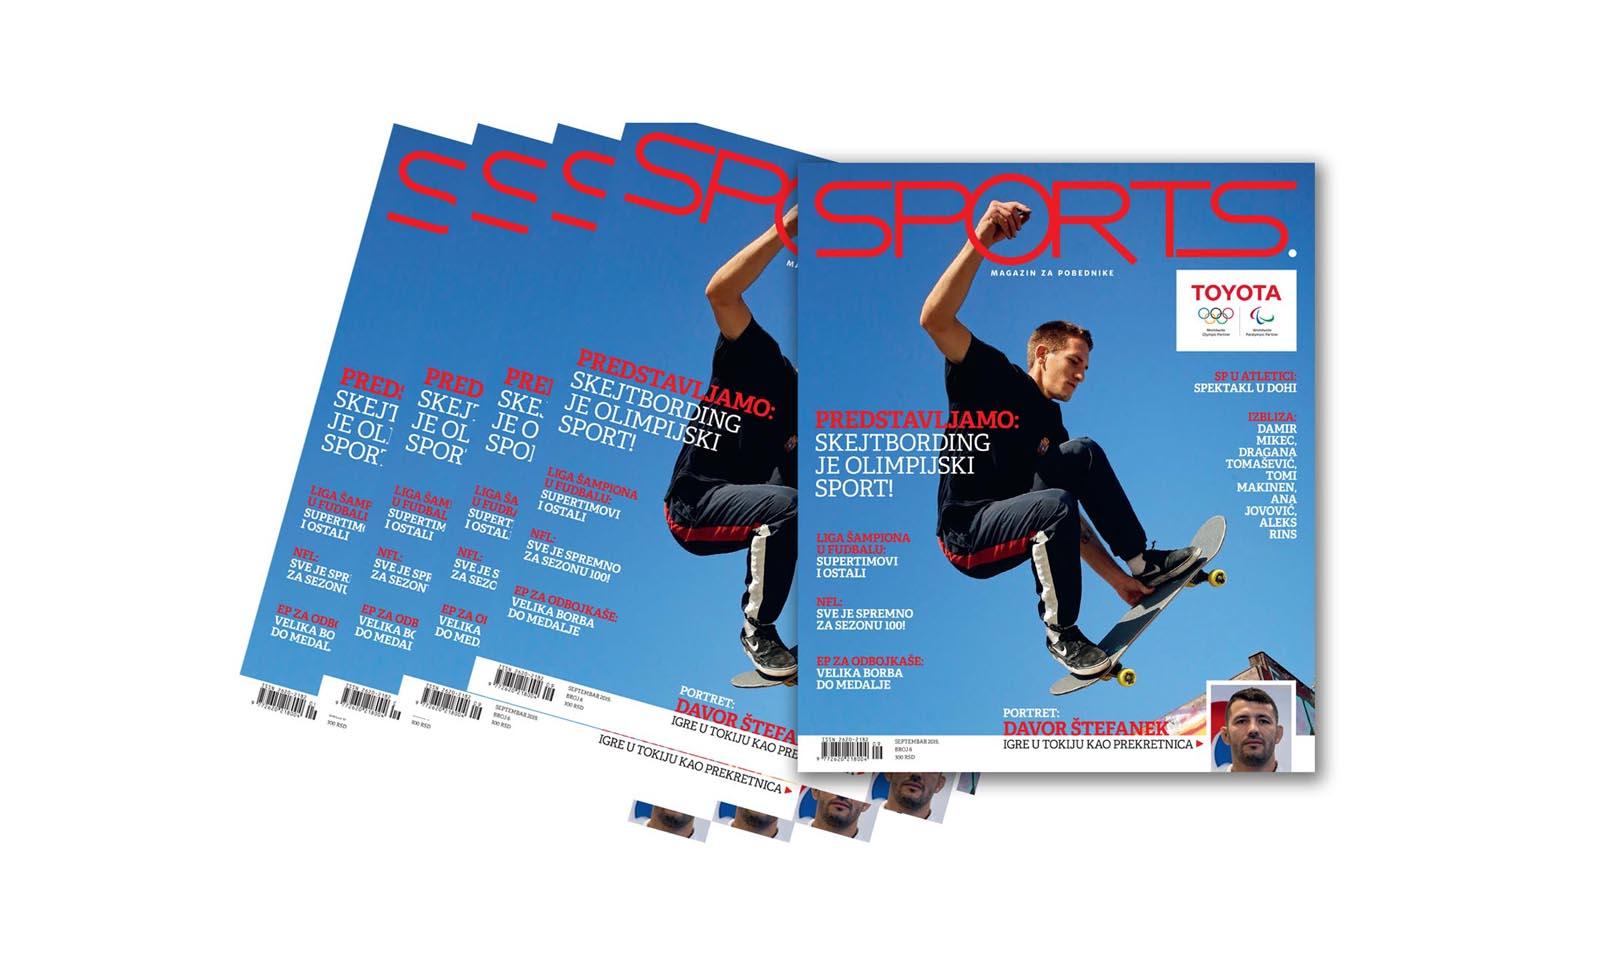 U prodaji je Sports broj 6: Da li ste spremni za spektakularni septembar?